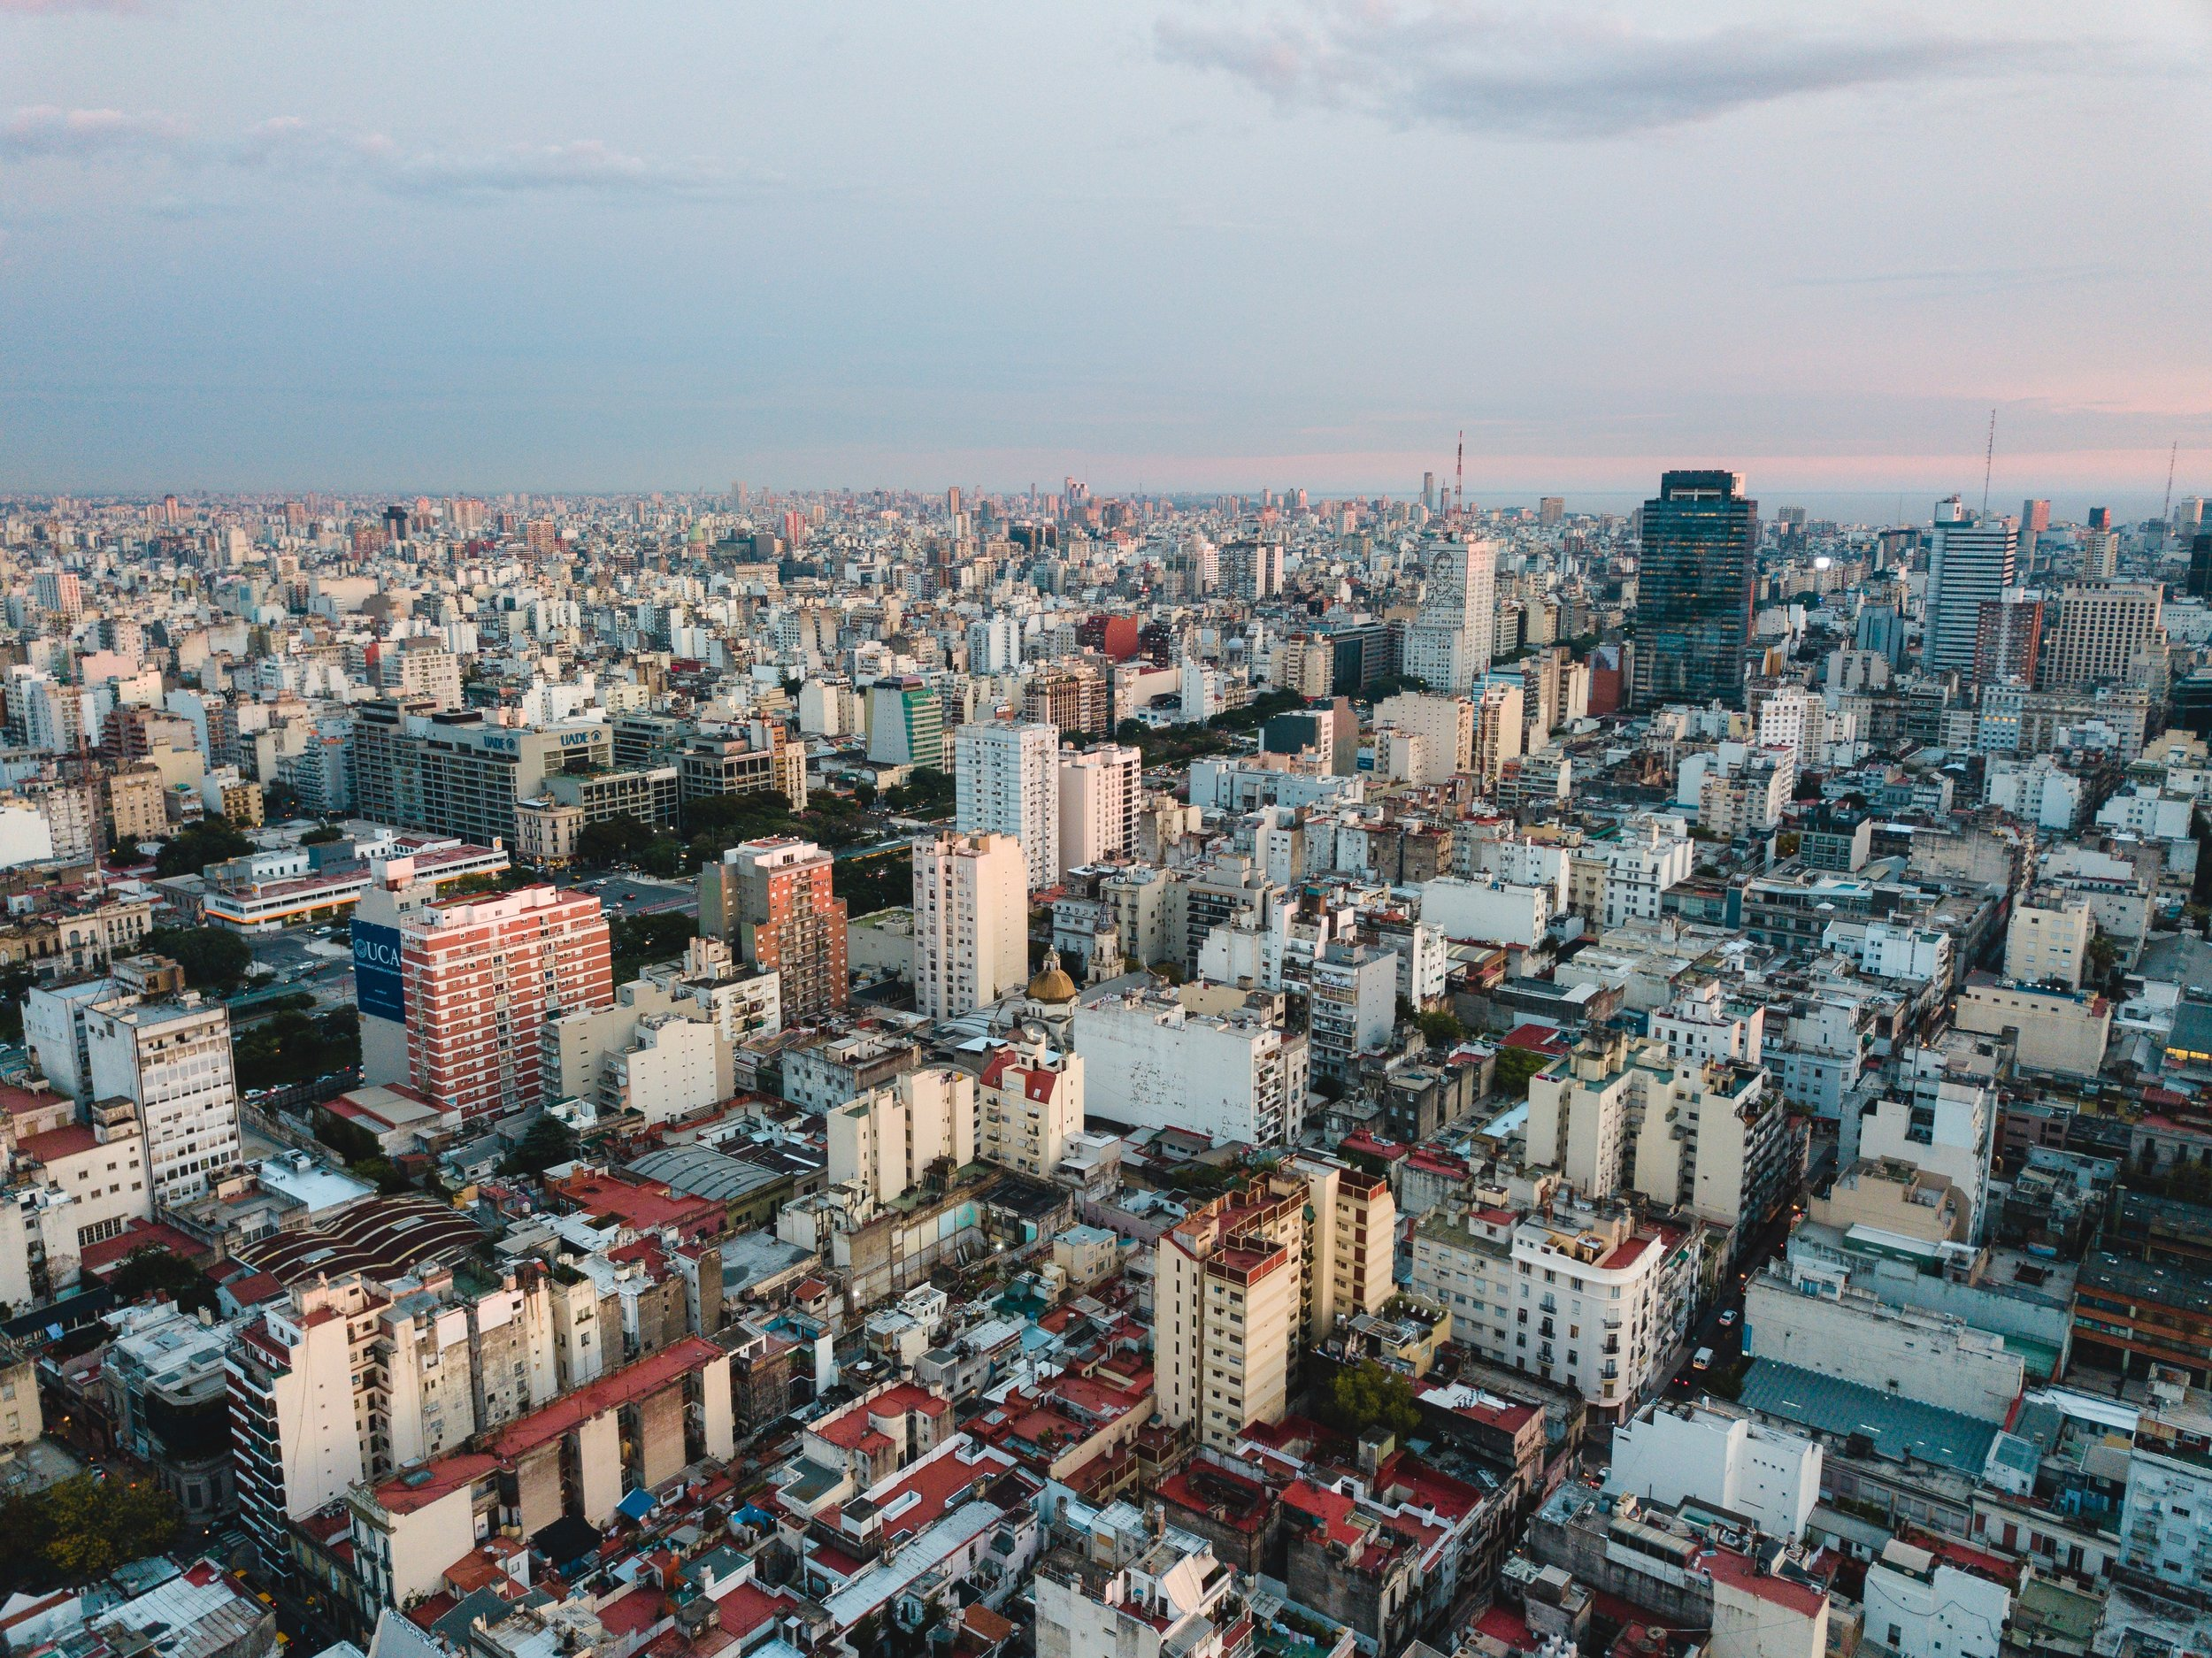 argentina, traveling to cordoba argetina, traveling abroad solo, alone traveling, solo traveling.jpg